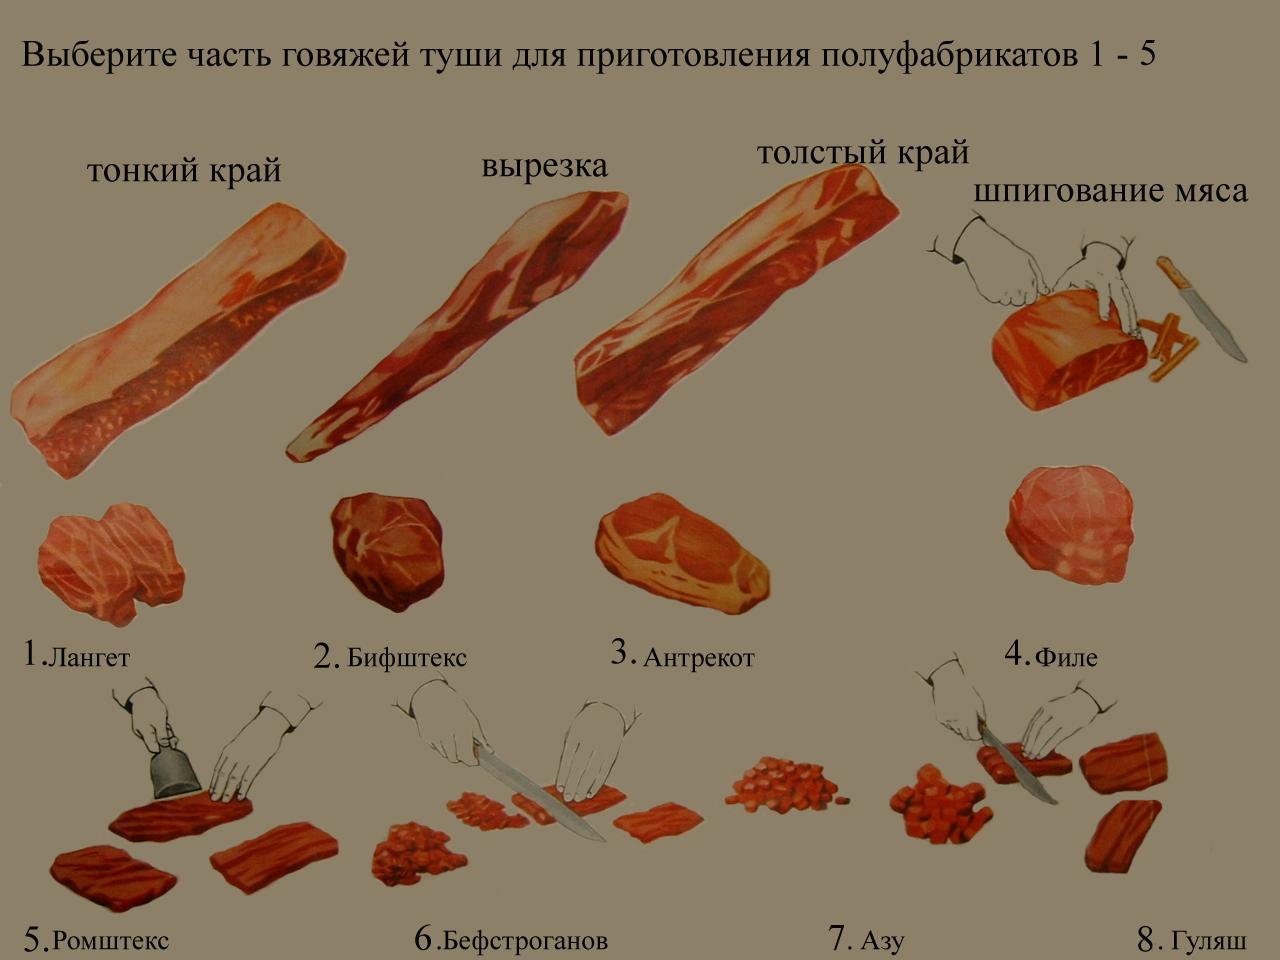 Полуфабрикаты из свинины схема